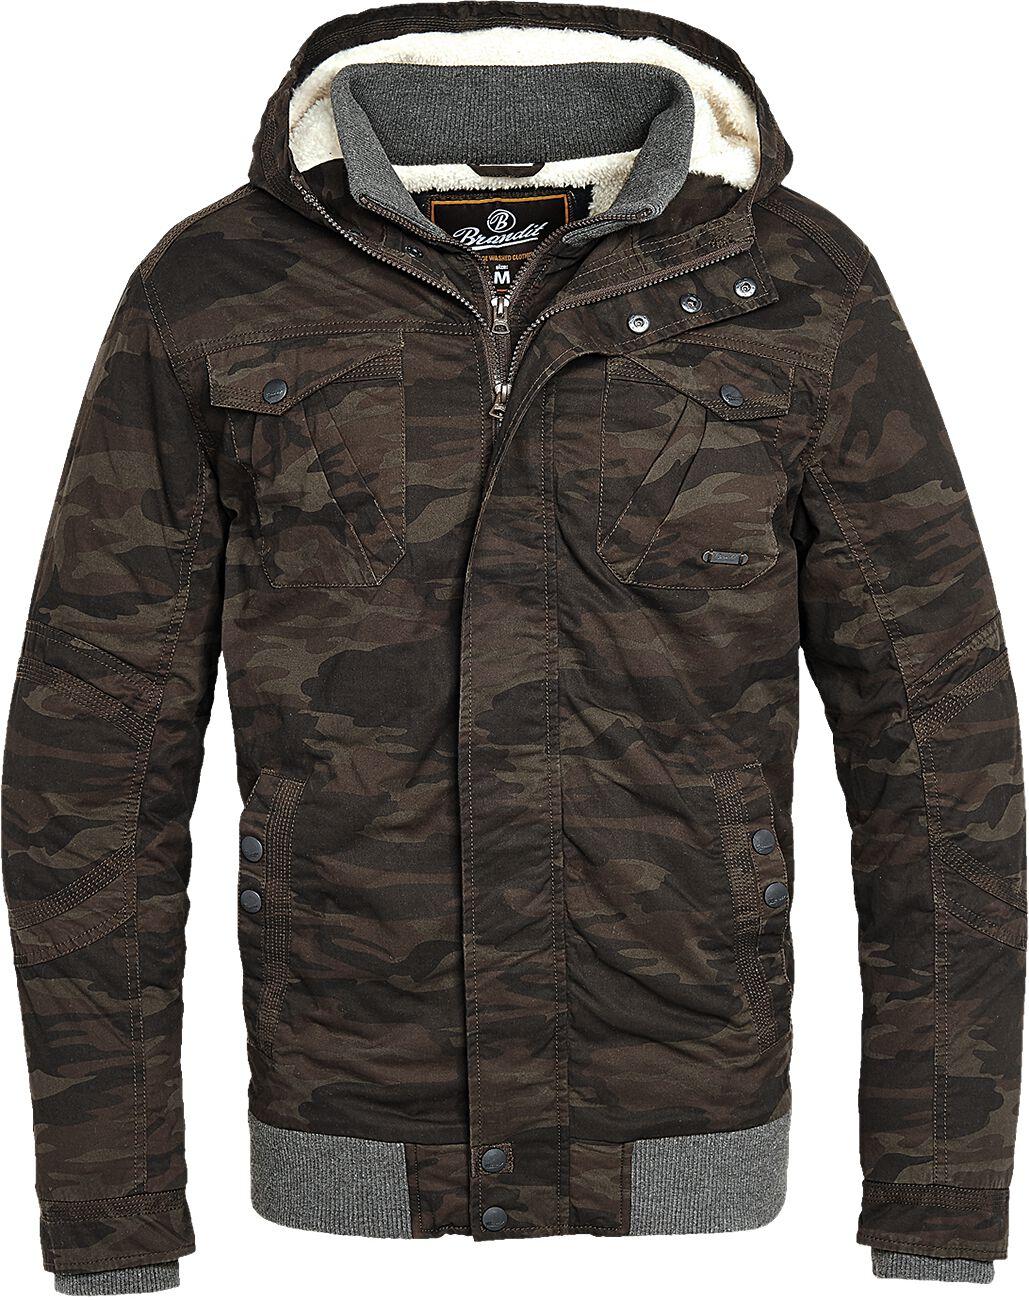 Image of   Brandit Parkmont Jacket Vinterjakker camouflage